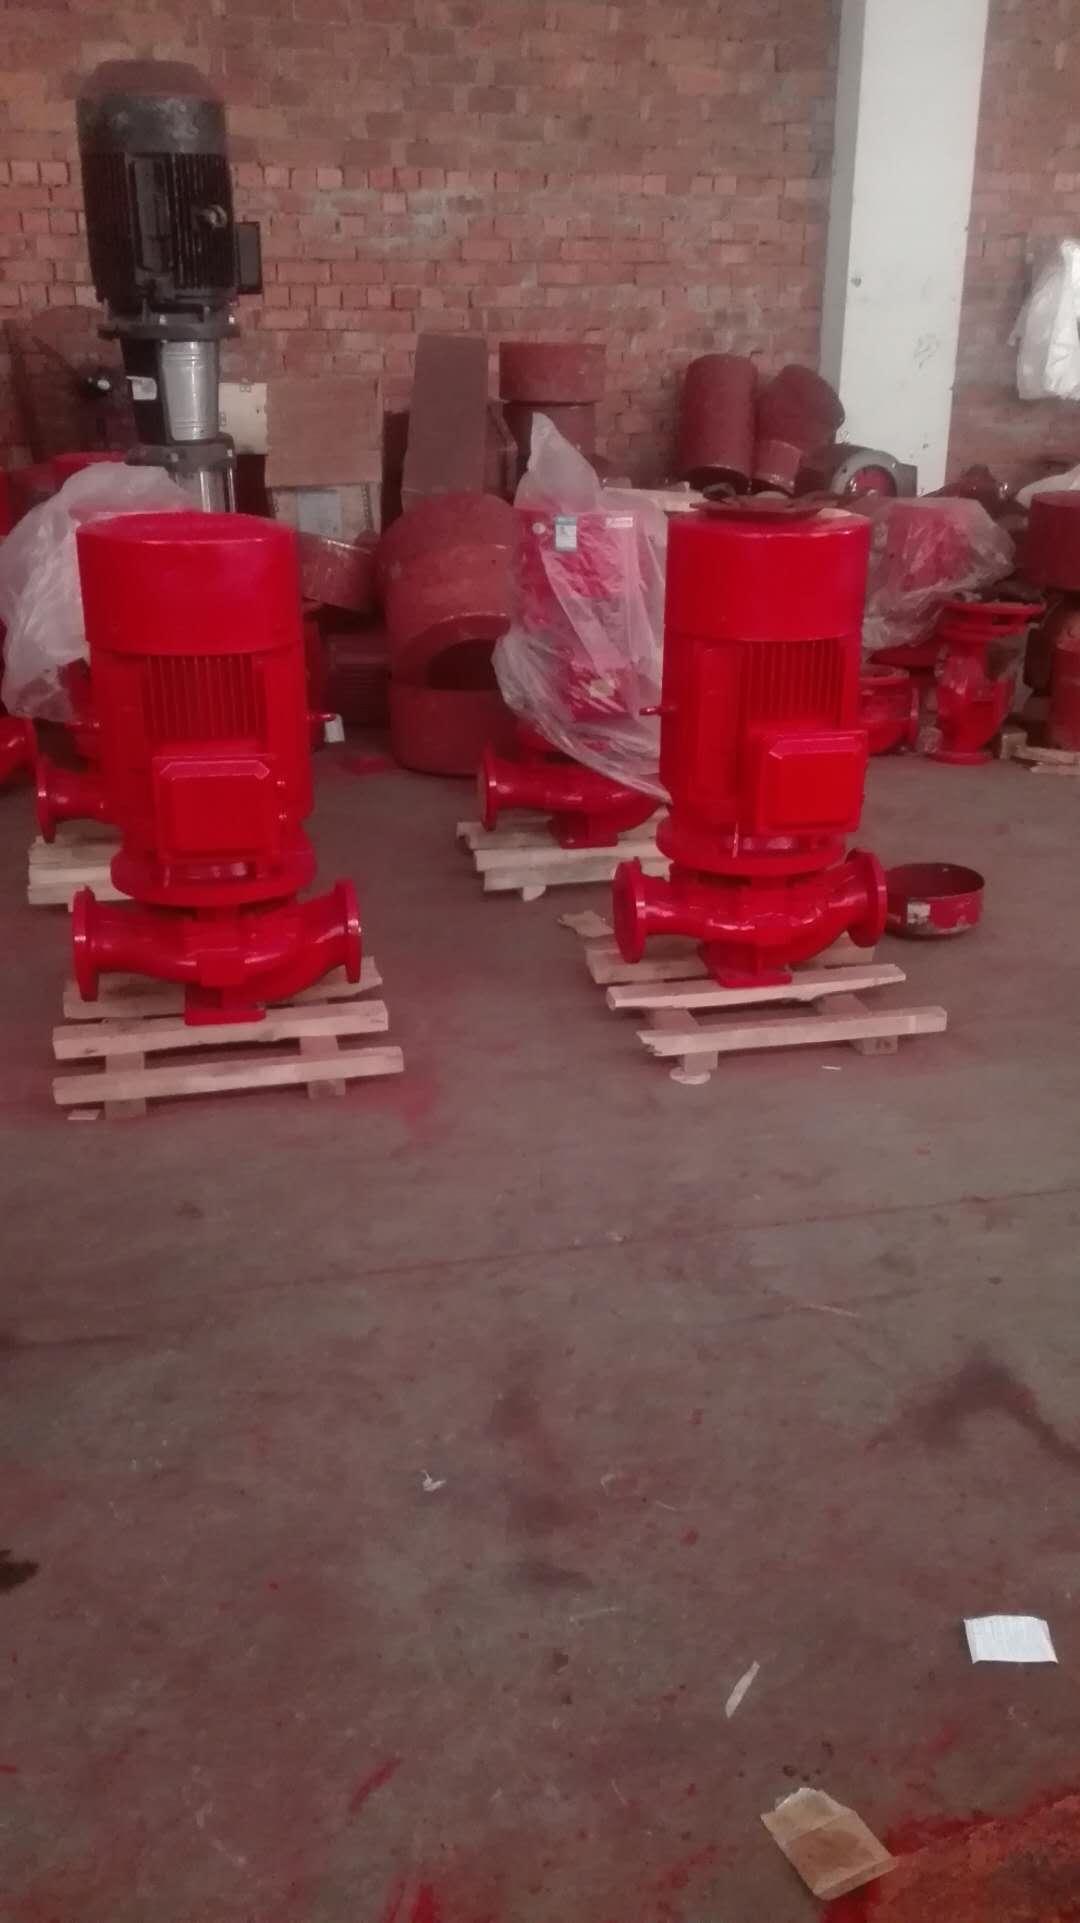 22千瓦消防泵流量20升每秒XBD7.8/15-80G*5/5层实验室安装37千瓦消火栓泵/3CF卧式稳压泵